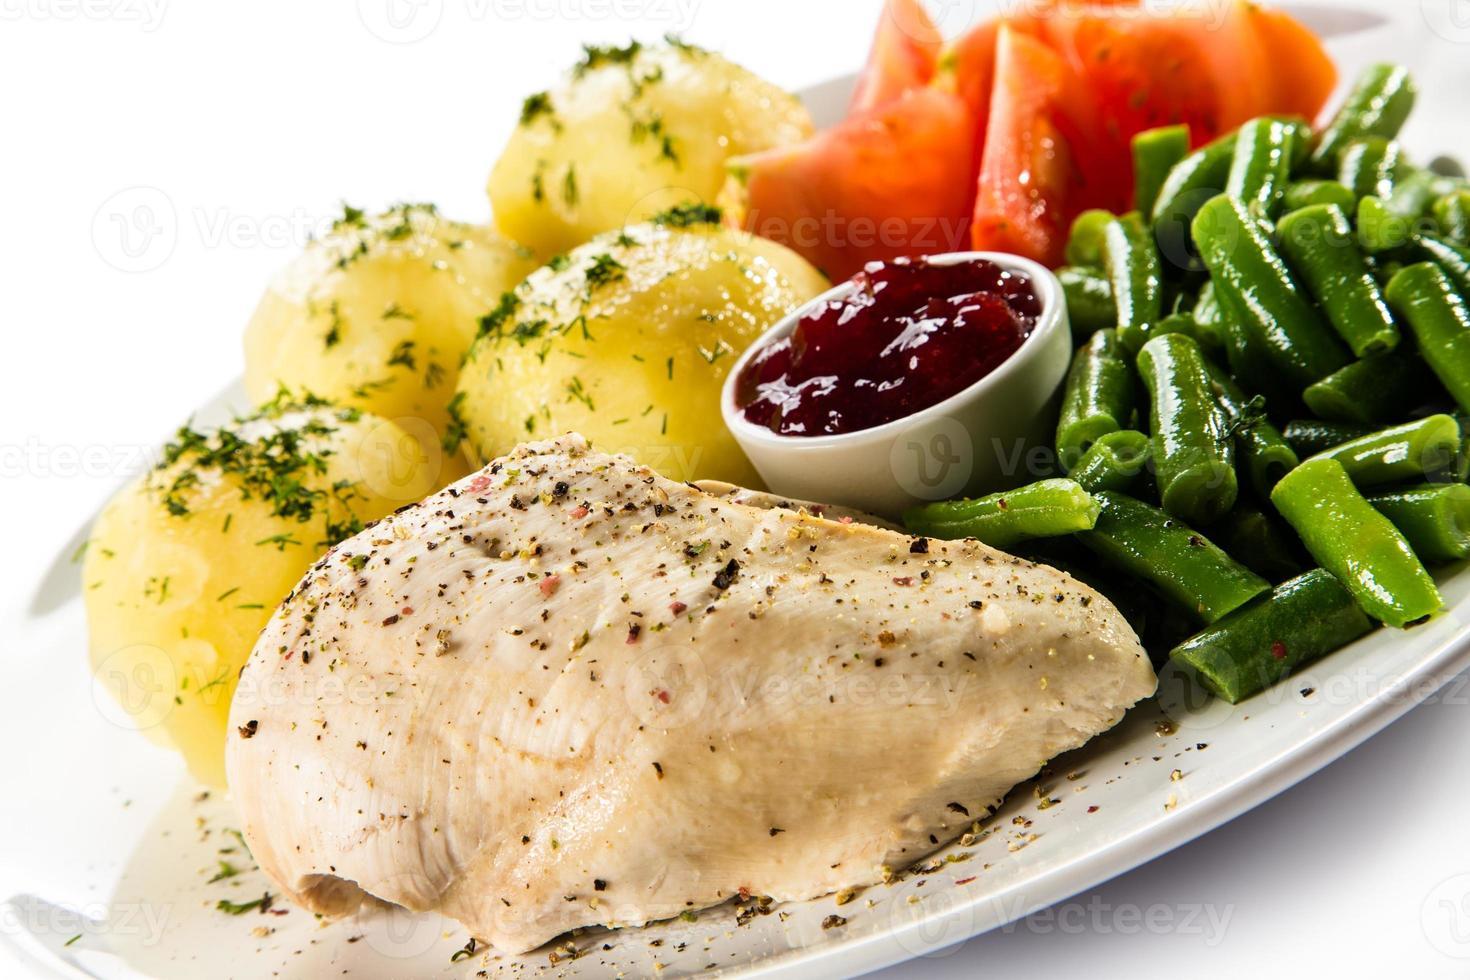 viande bouillie et légumes photo